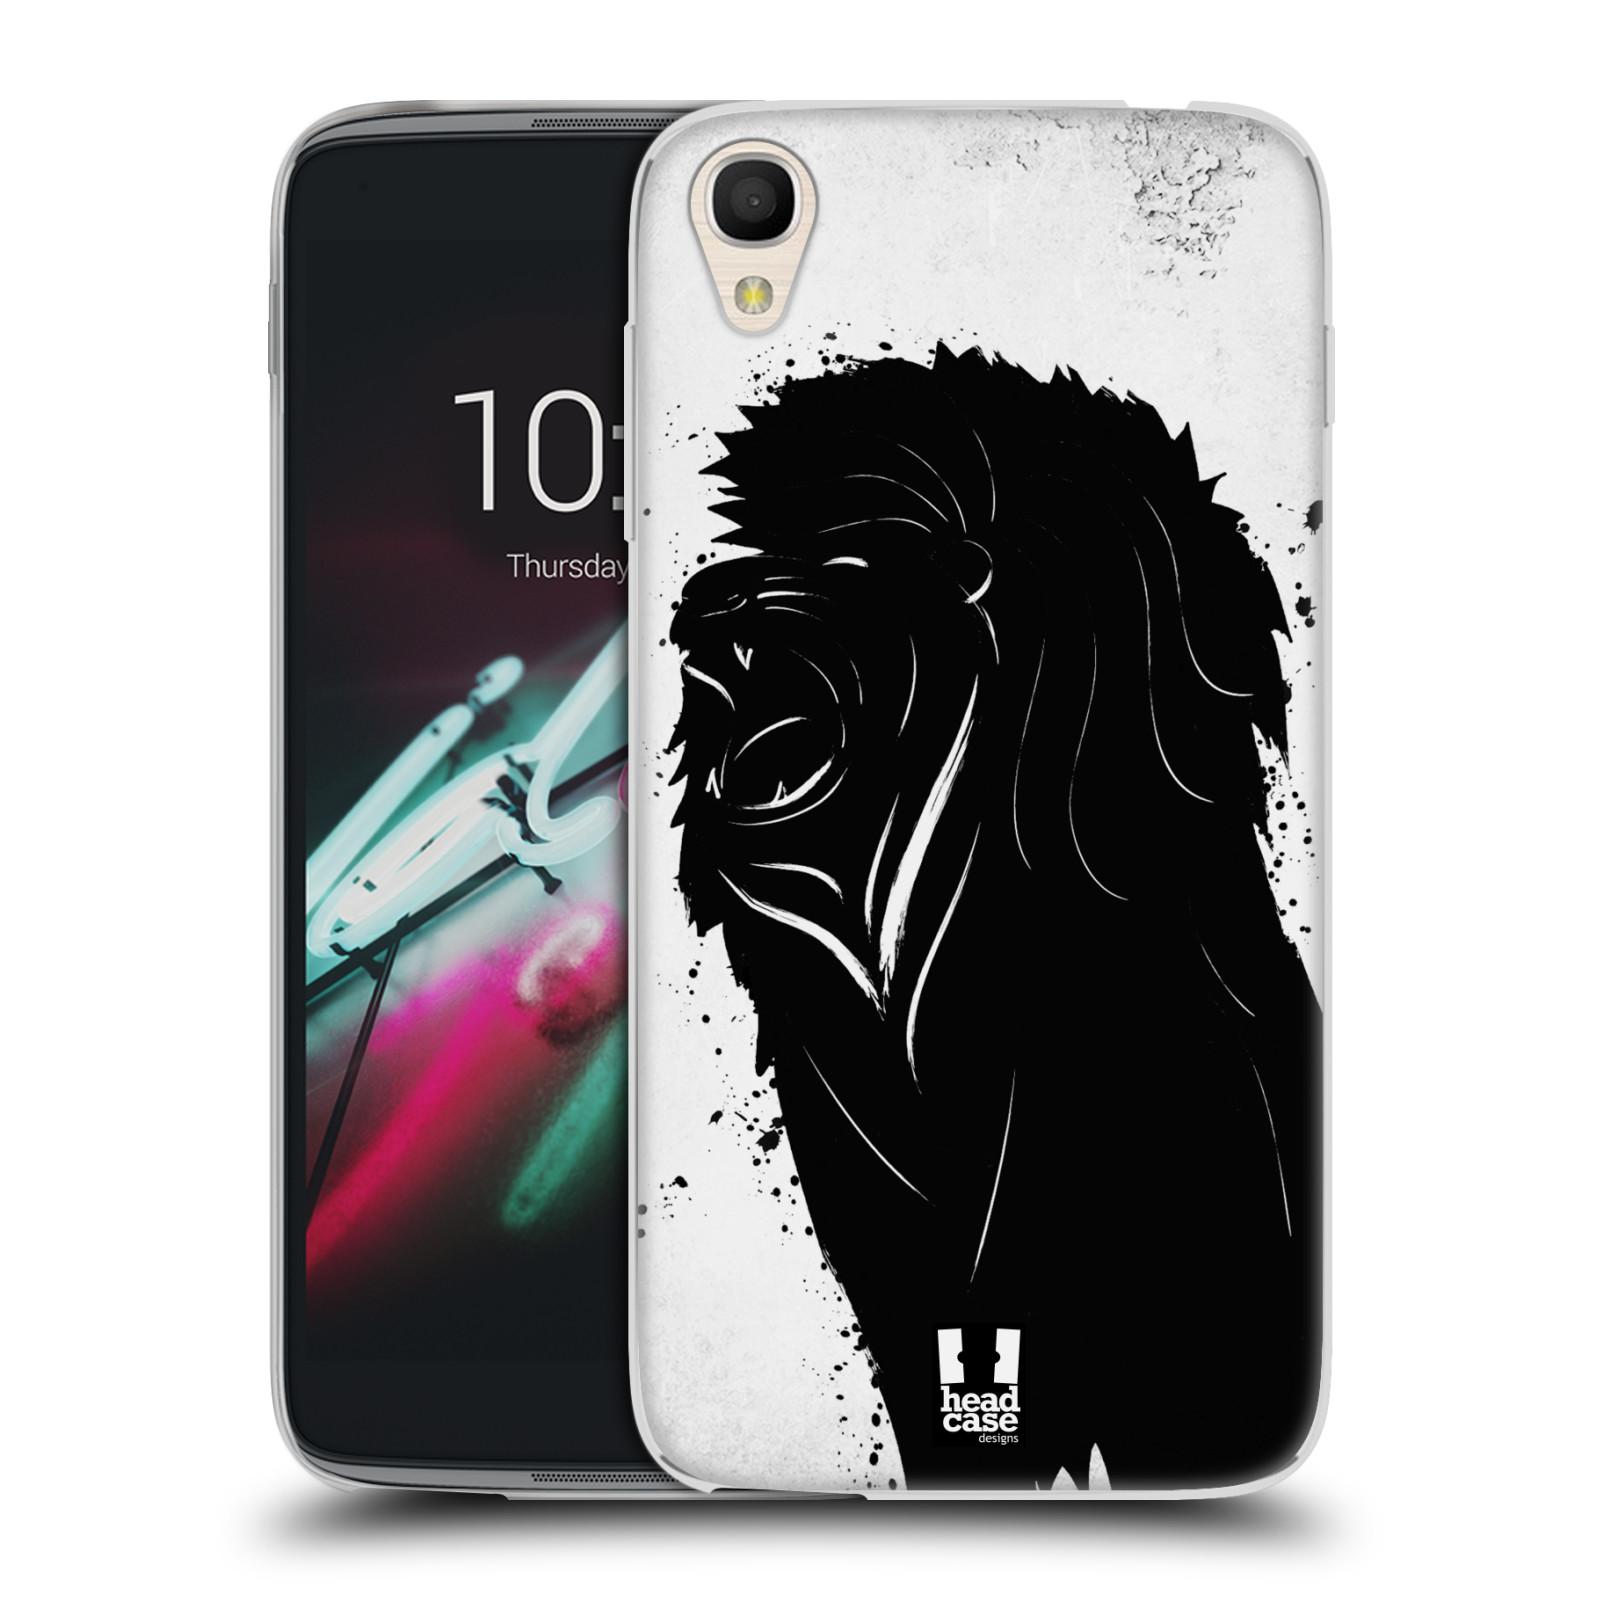 HEAD CASE silikonový obal na mobil Alcatel Idol 3 OT-6039Y (4.7) vzor Kresba tuš zvíře lev